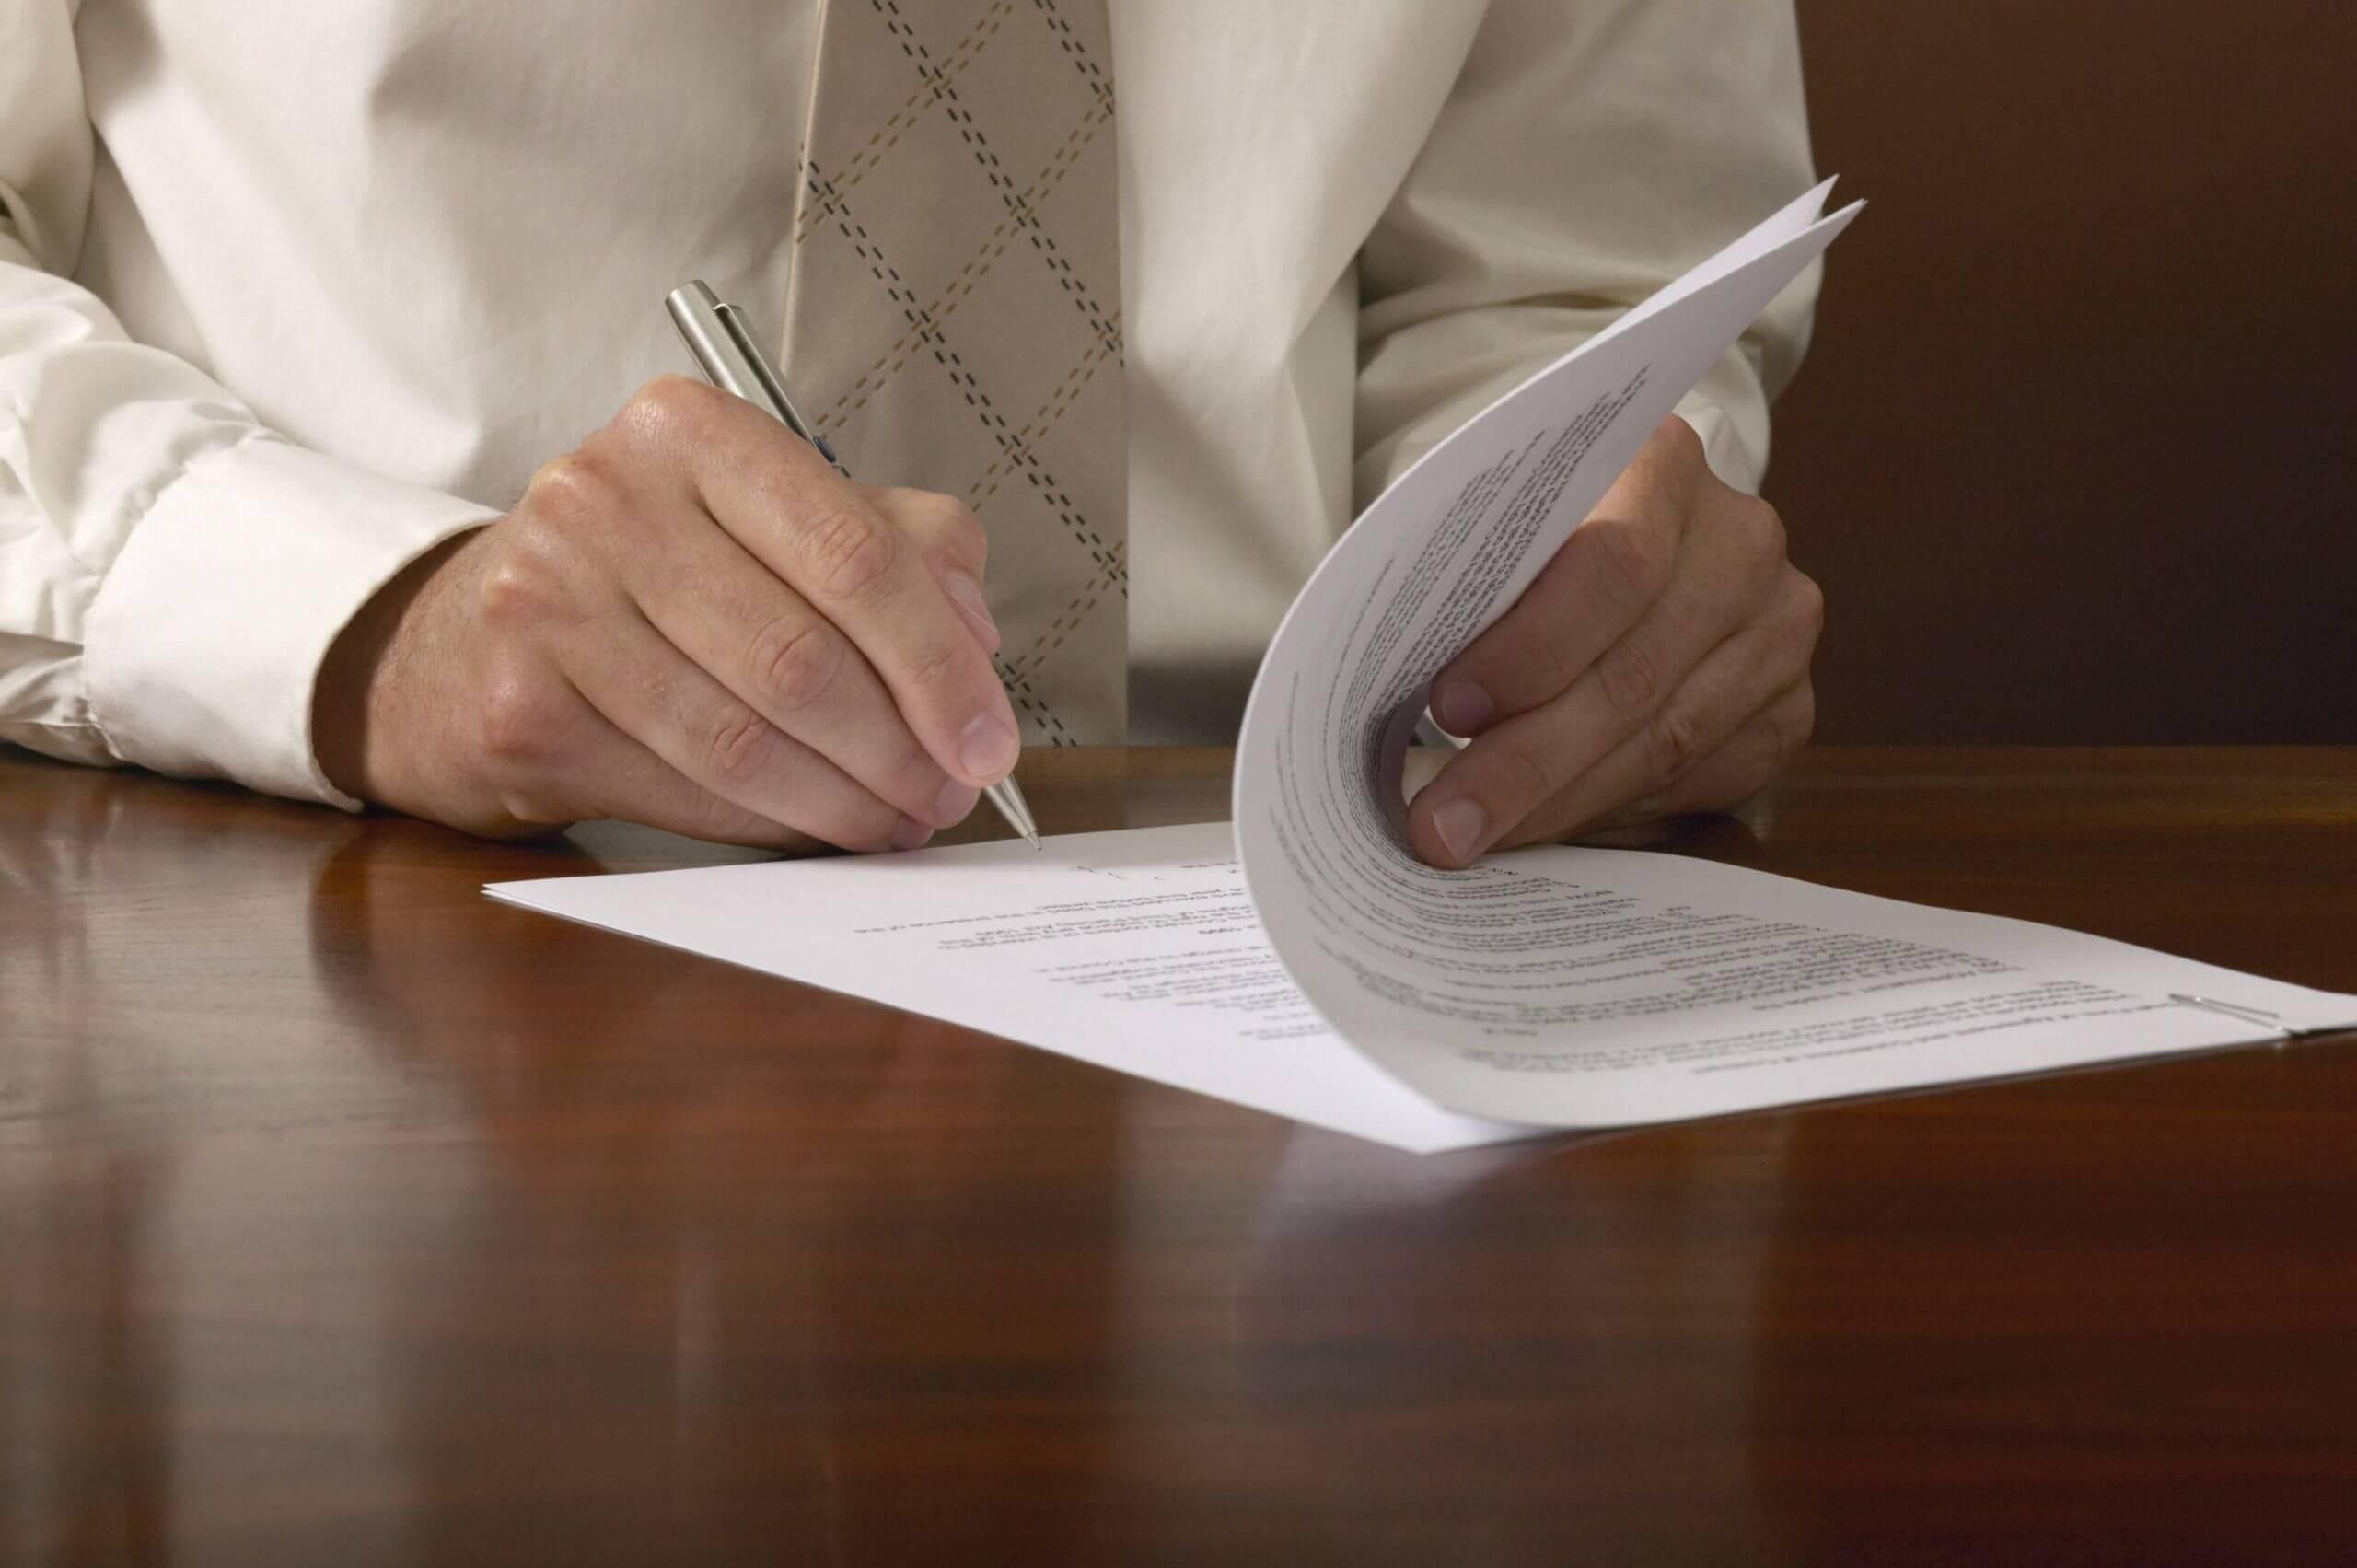 O que Você deve Prestar Atenção na Rescisão de Contrato de Trabalho